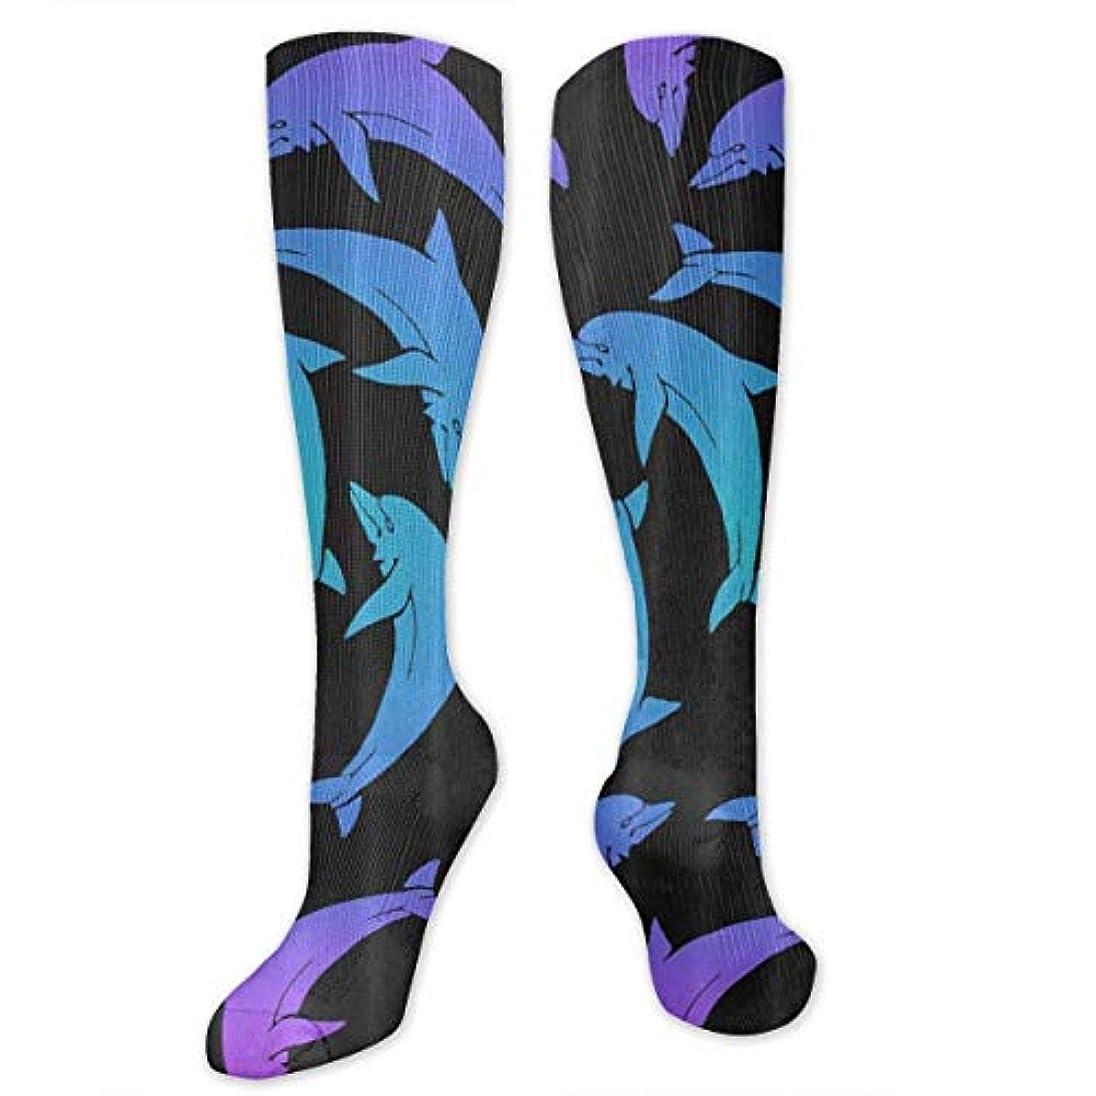 かもめアセンブリシニス靴下,ストッキング,野生のジョーカー,実際,秋の本質,冬必須,サマーウェア&RBXAA Marine Dolphin Socks Women's Winter Cotton Long Tube Socks Cotton...